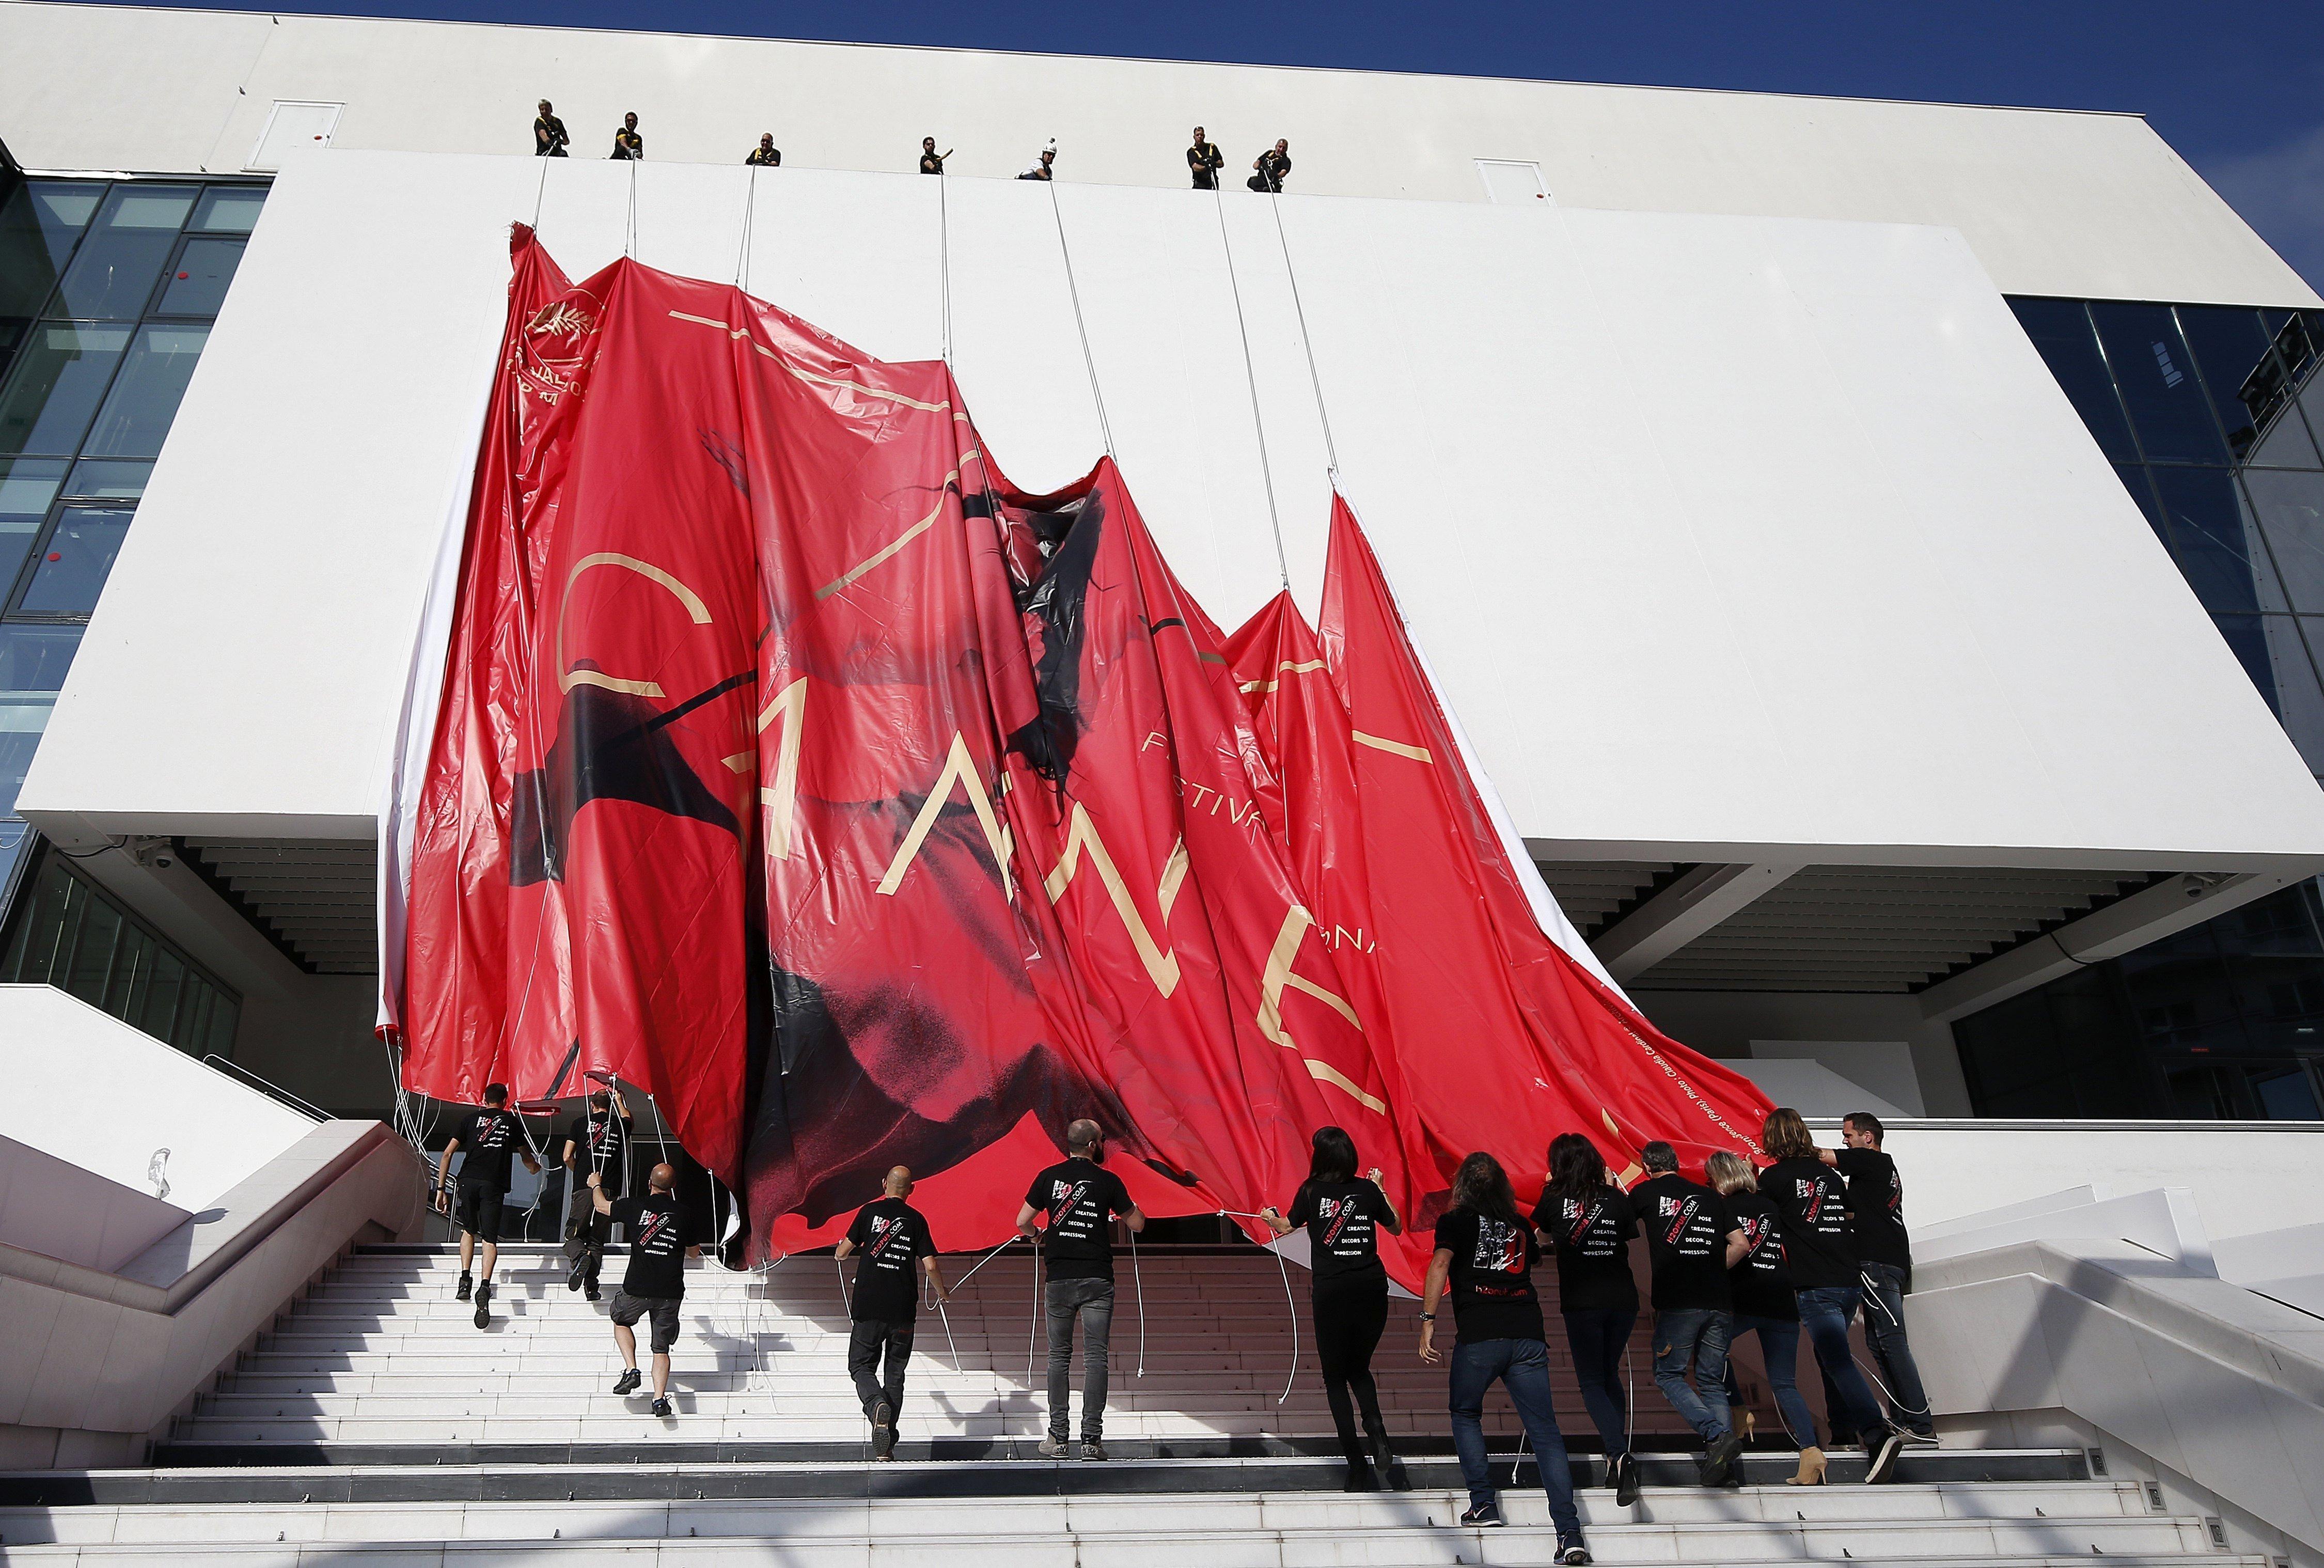 Treballadors col·loquen el pòster oficial del Festival de Cinema de Cannes (França). /SEBASTIEN NOGIER